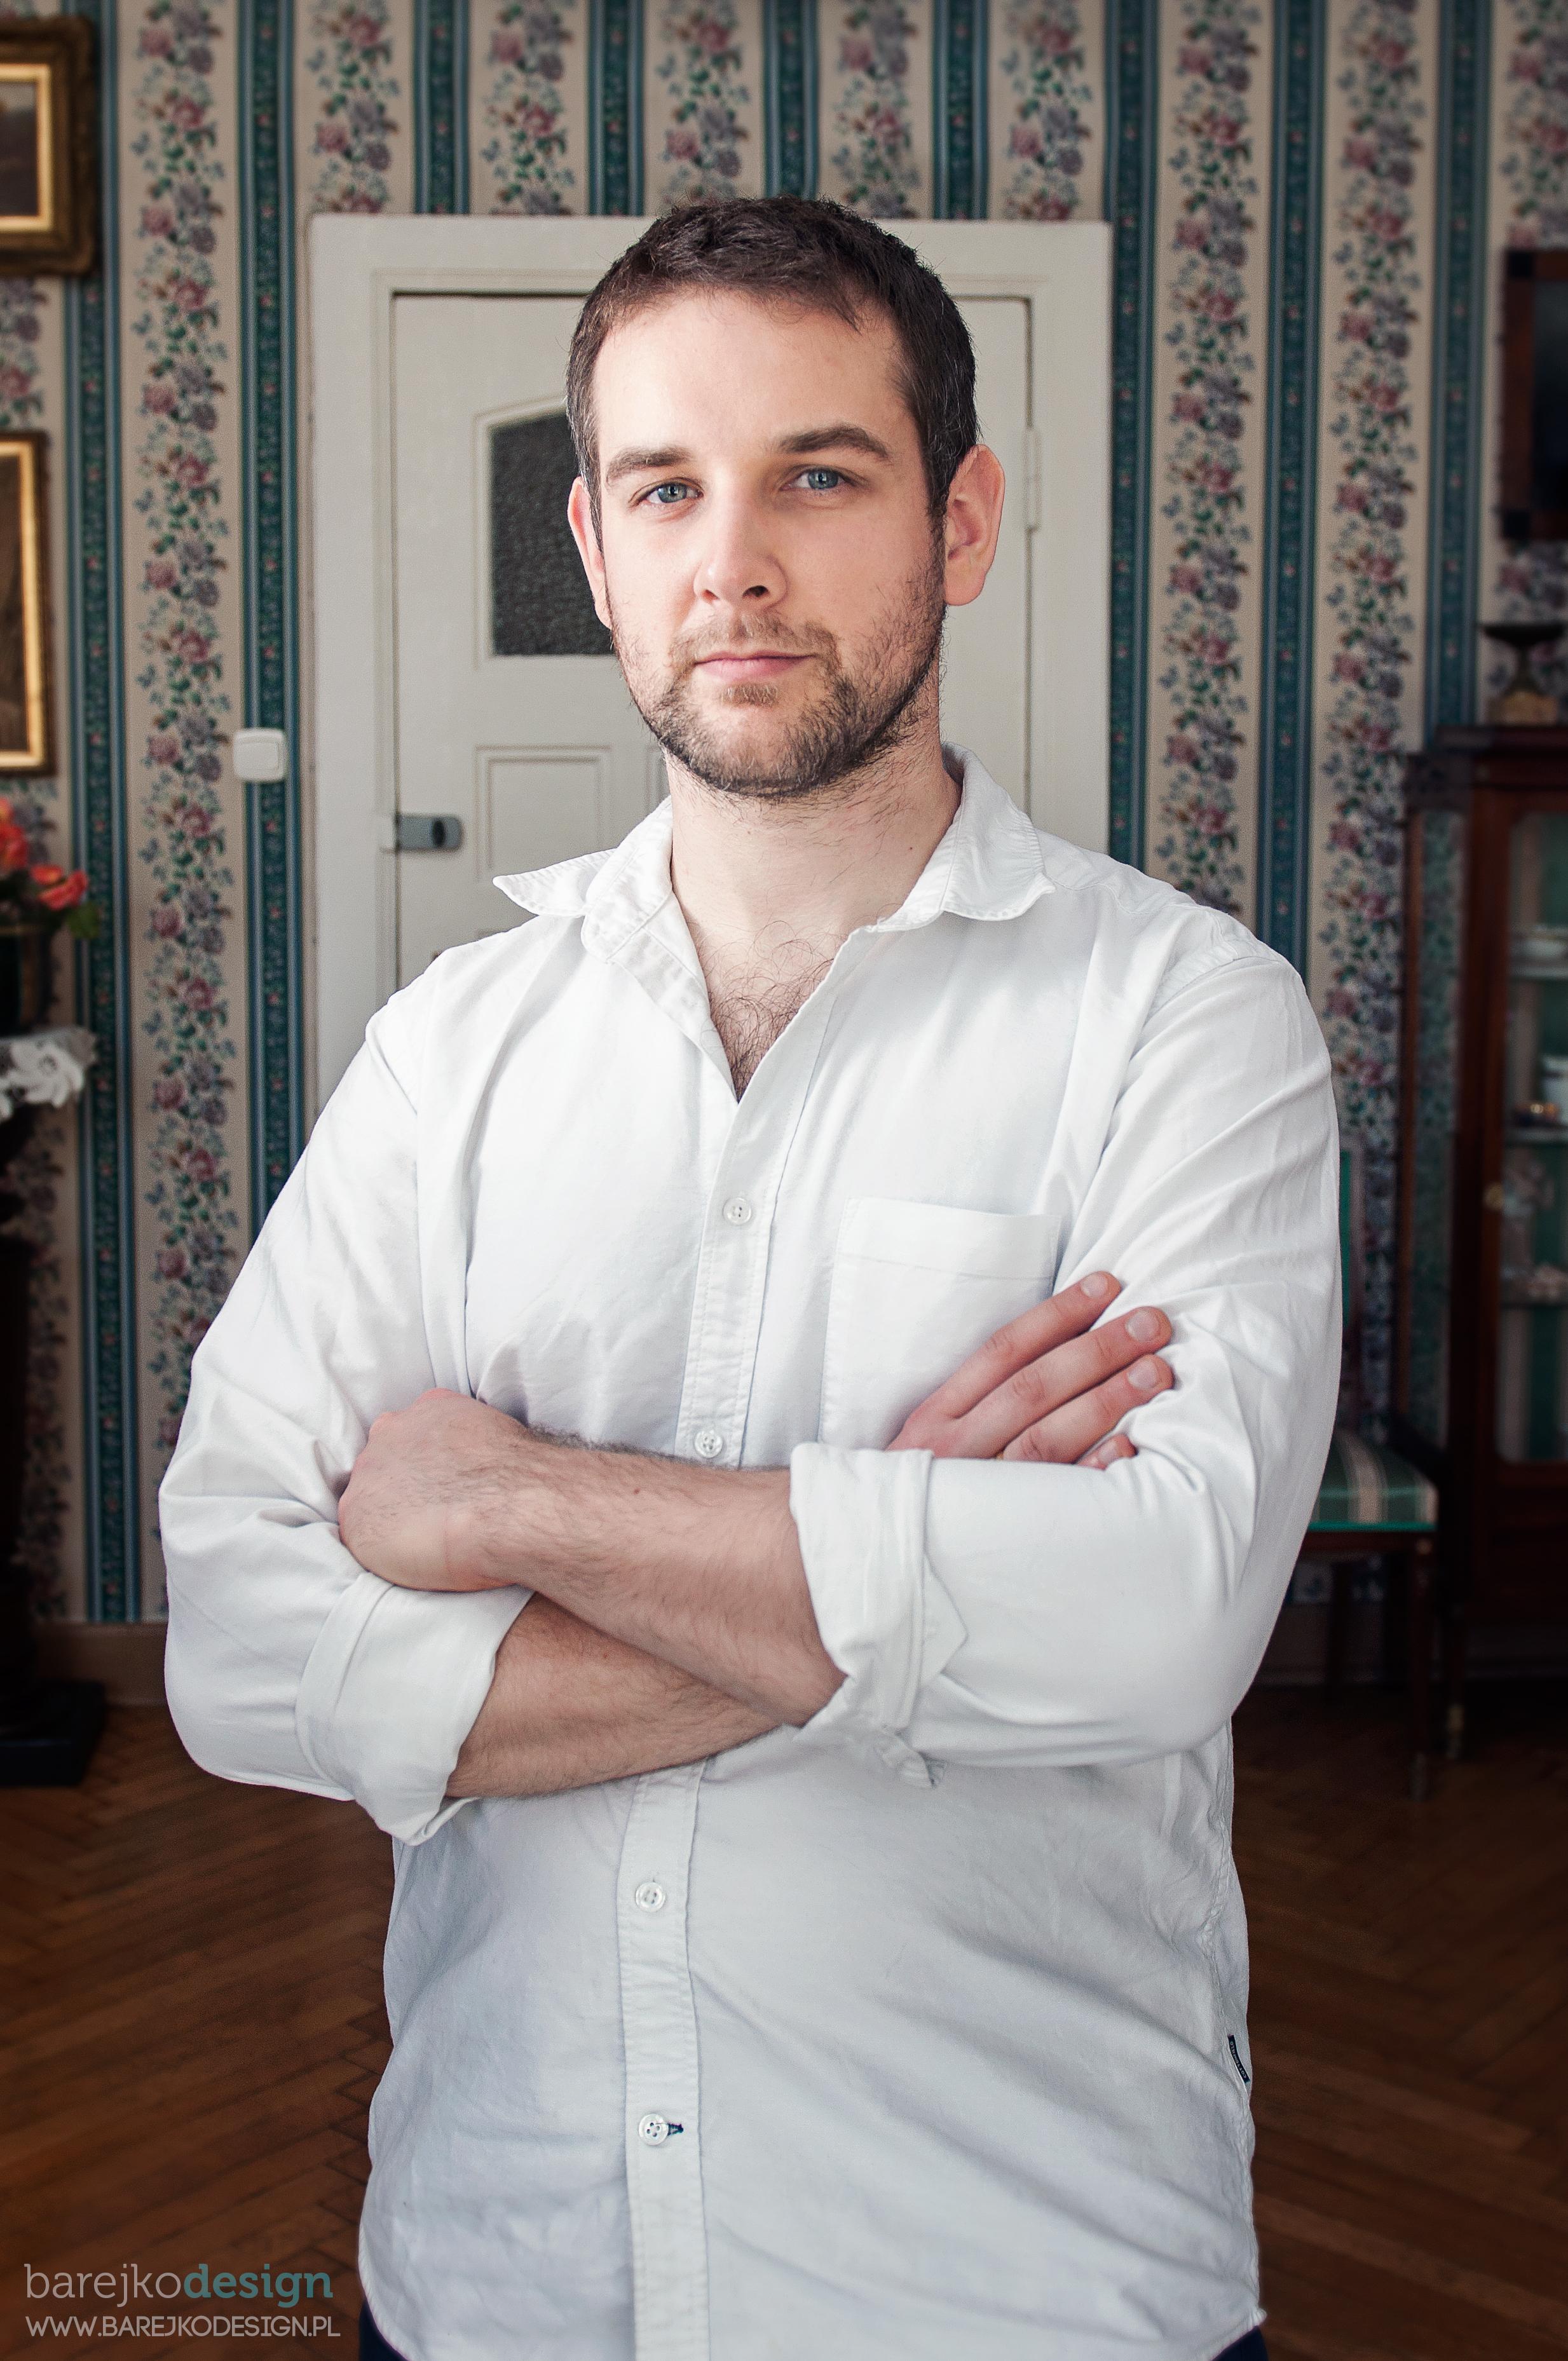 Maciej Szczycinski www.barejkodesign.pl